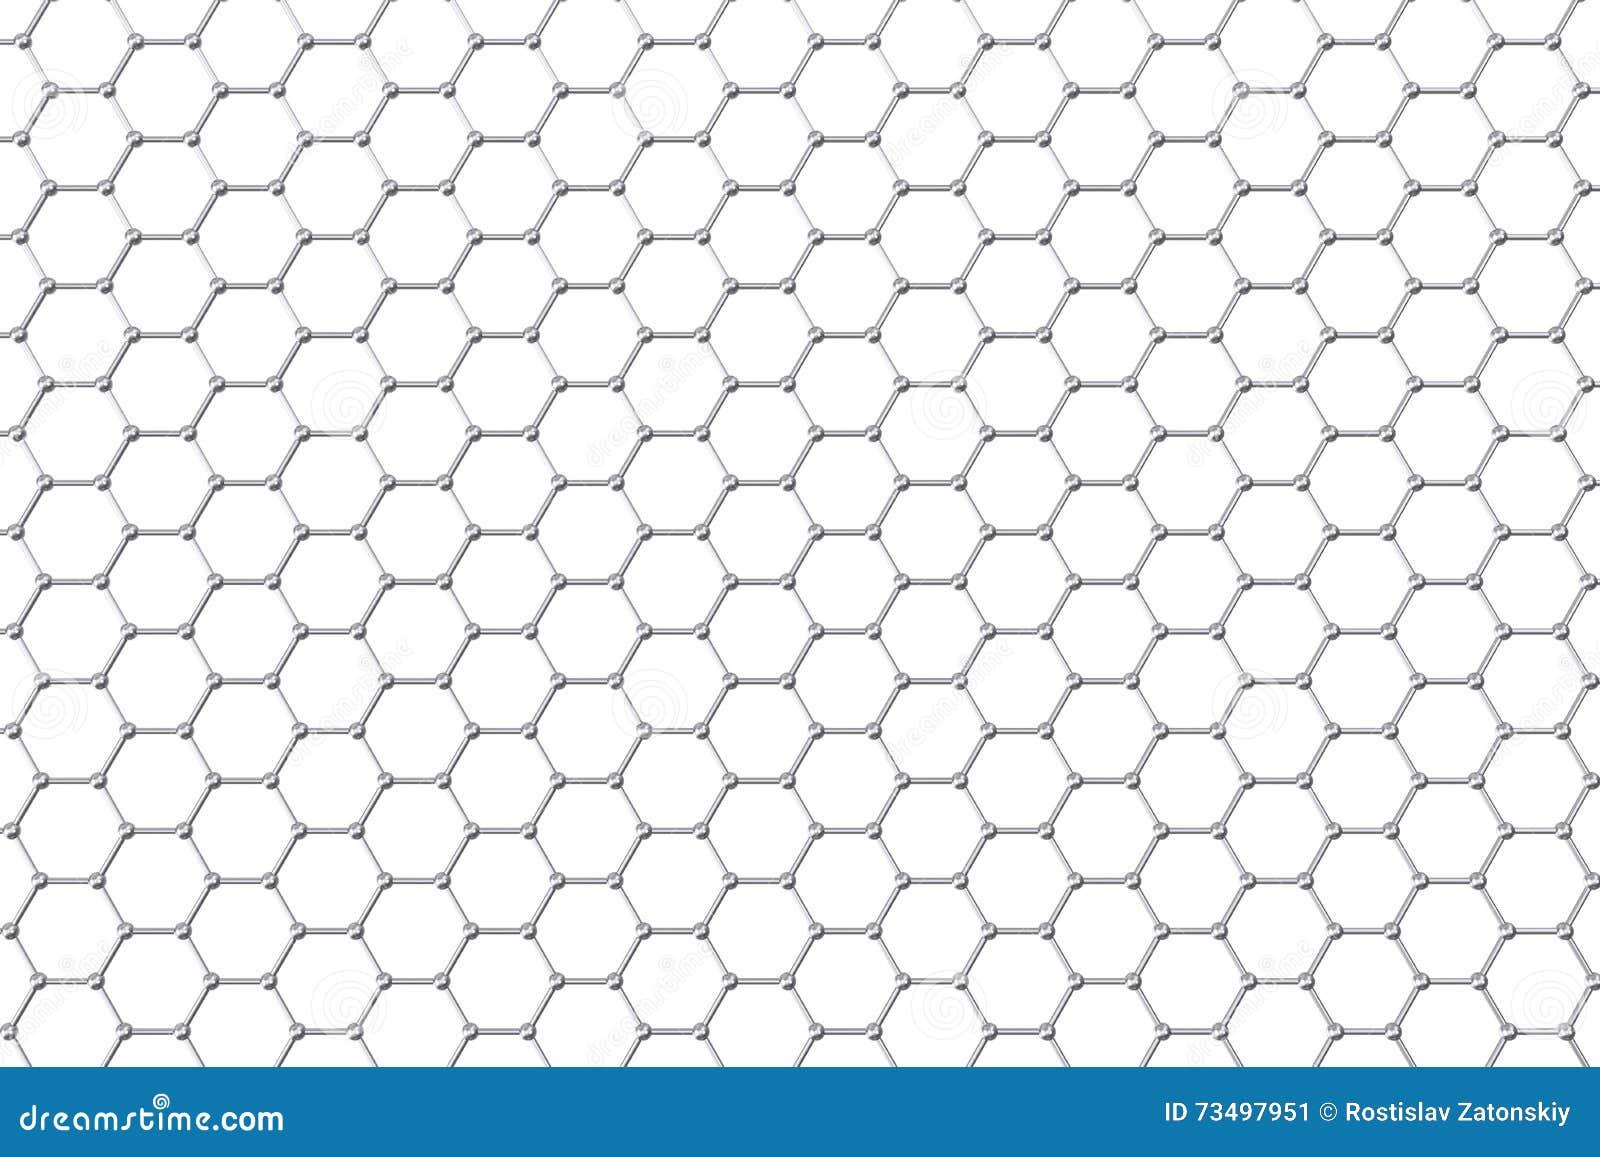 Ατομική δομή Graphene, υπόβαθρο νανοτεχνολογίας τρισδιάστατη απεικόνιση